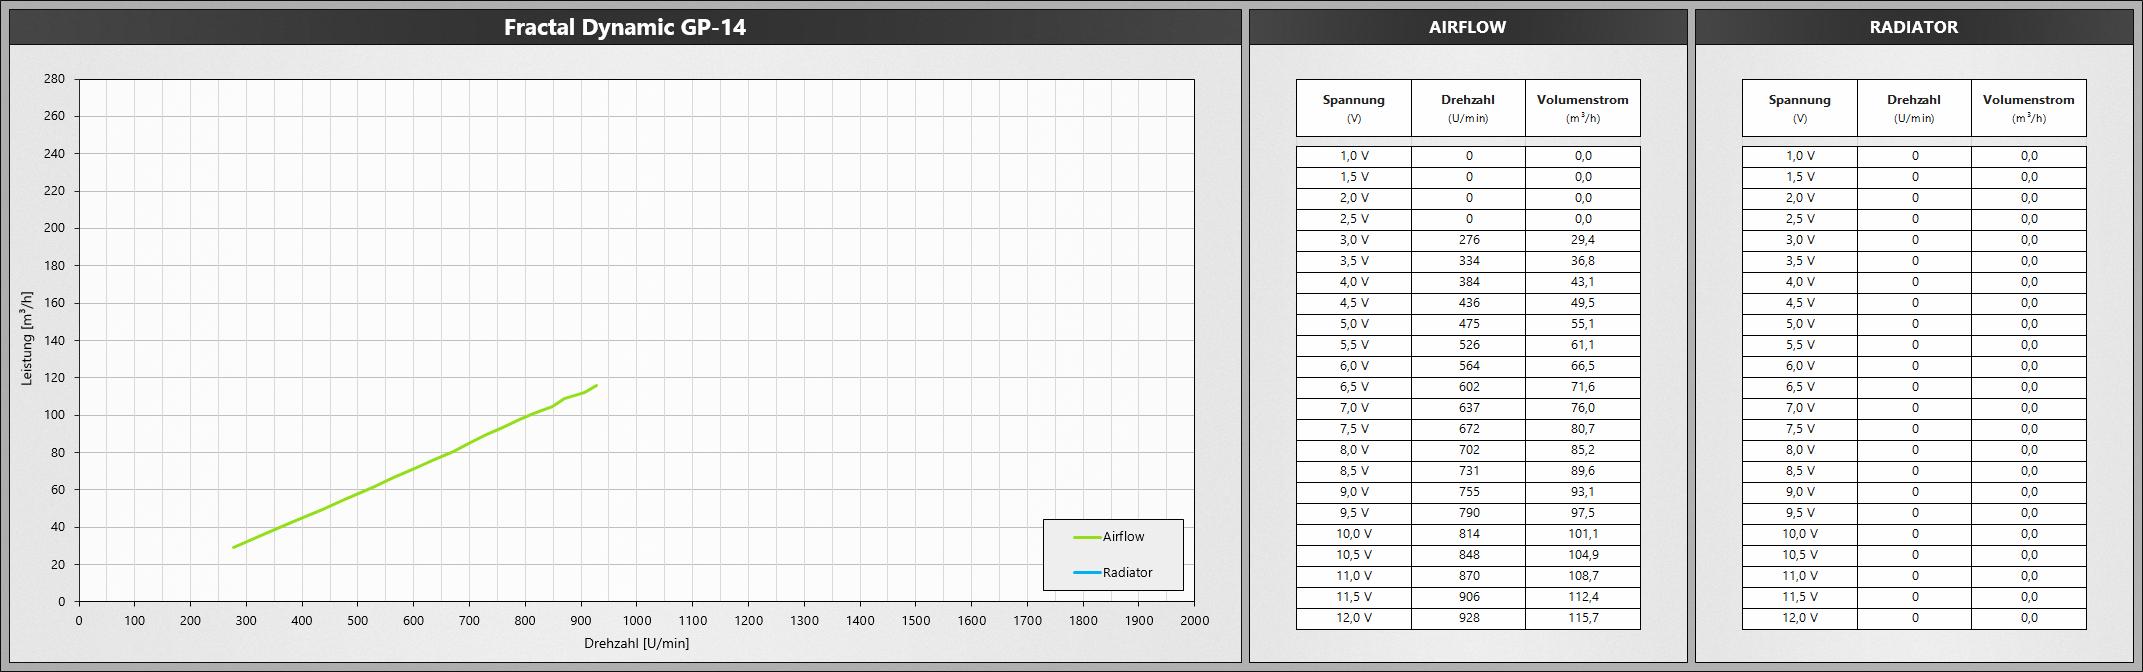 Klicken Sie auf die Grafik für eine größere Ansicht  Name:FractalDynamicGP14.png Hits:674 Größe:464,2 KB ID:1074762